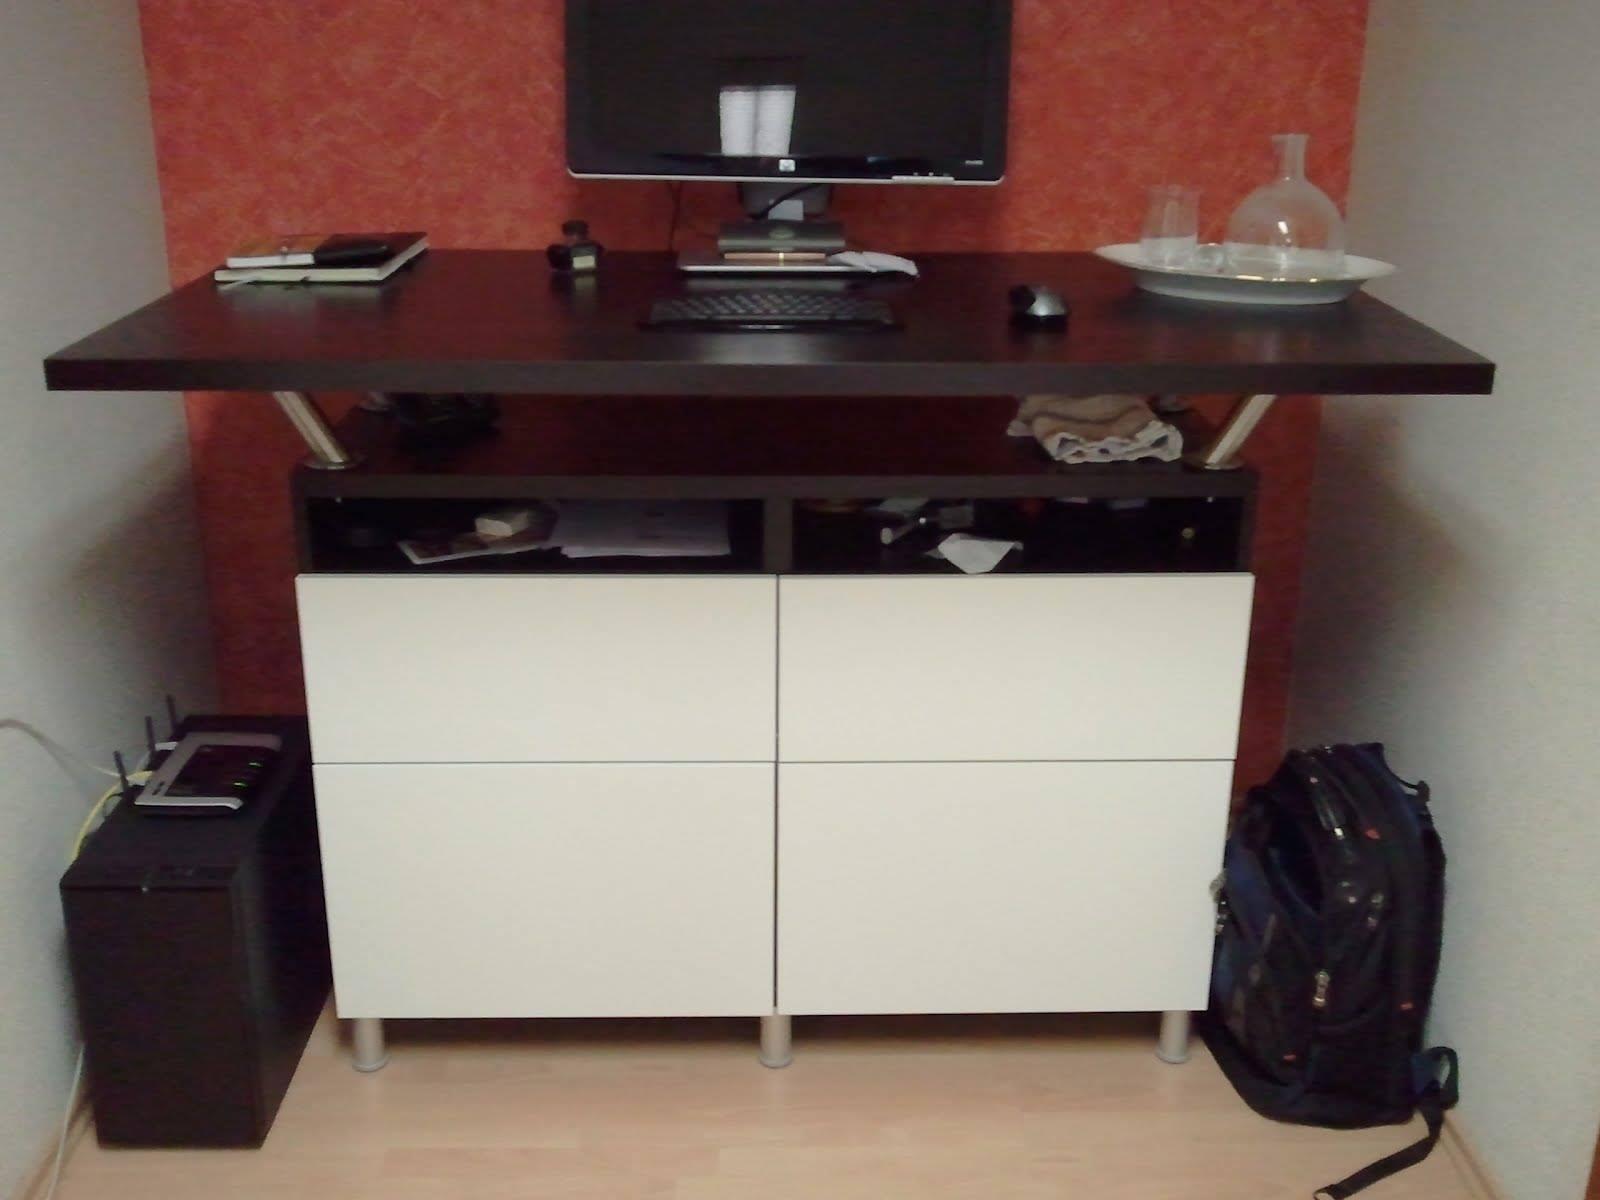 Montar una cabina de dj con muebles de ikea con un - Muebles para dj ...